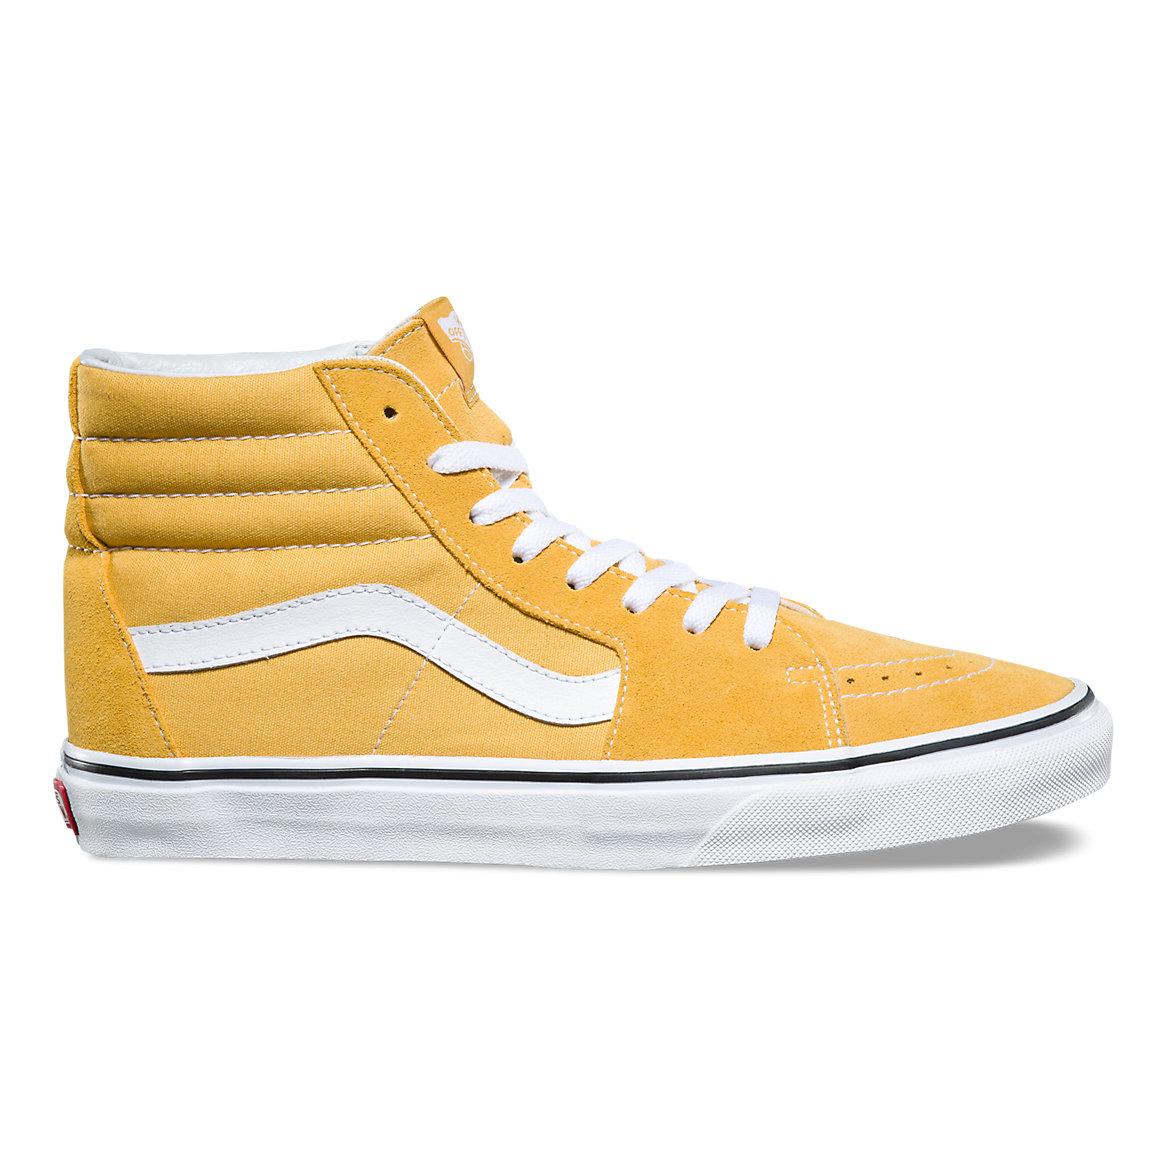 SK8-Hi | Shop At Vans | Vans shoes high